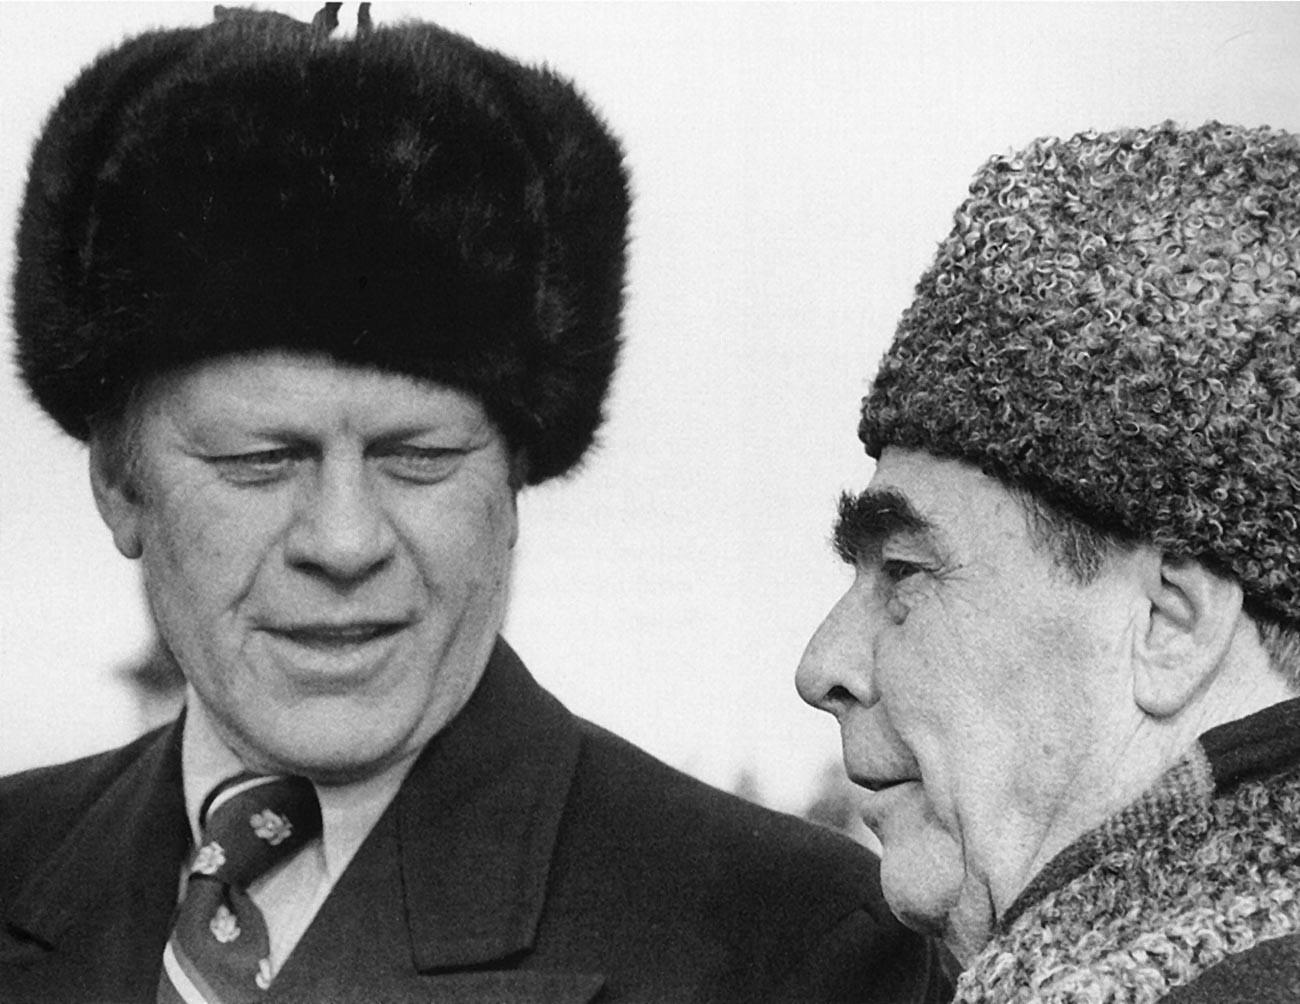 Američki predsjednik Gerald R. Ford prilikom susreta sa sovjetskim liderom Leonidom Brežnjevim, 1974.